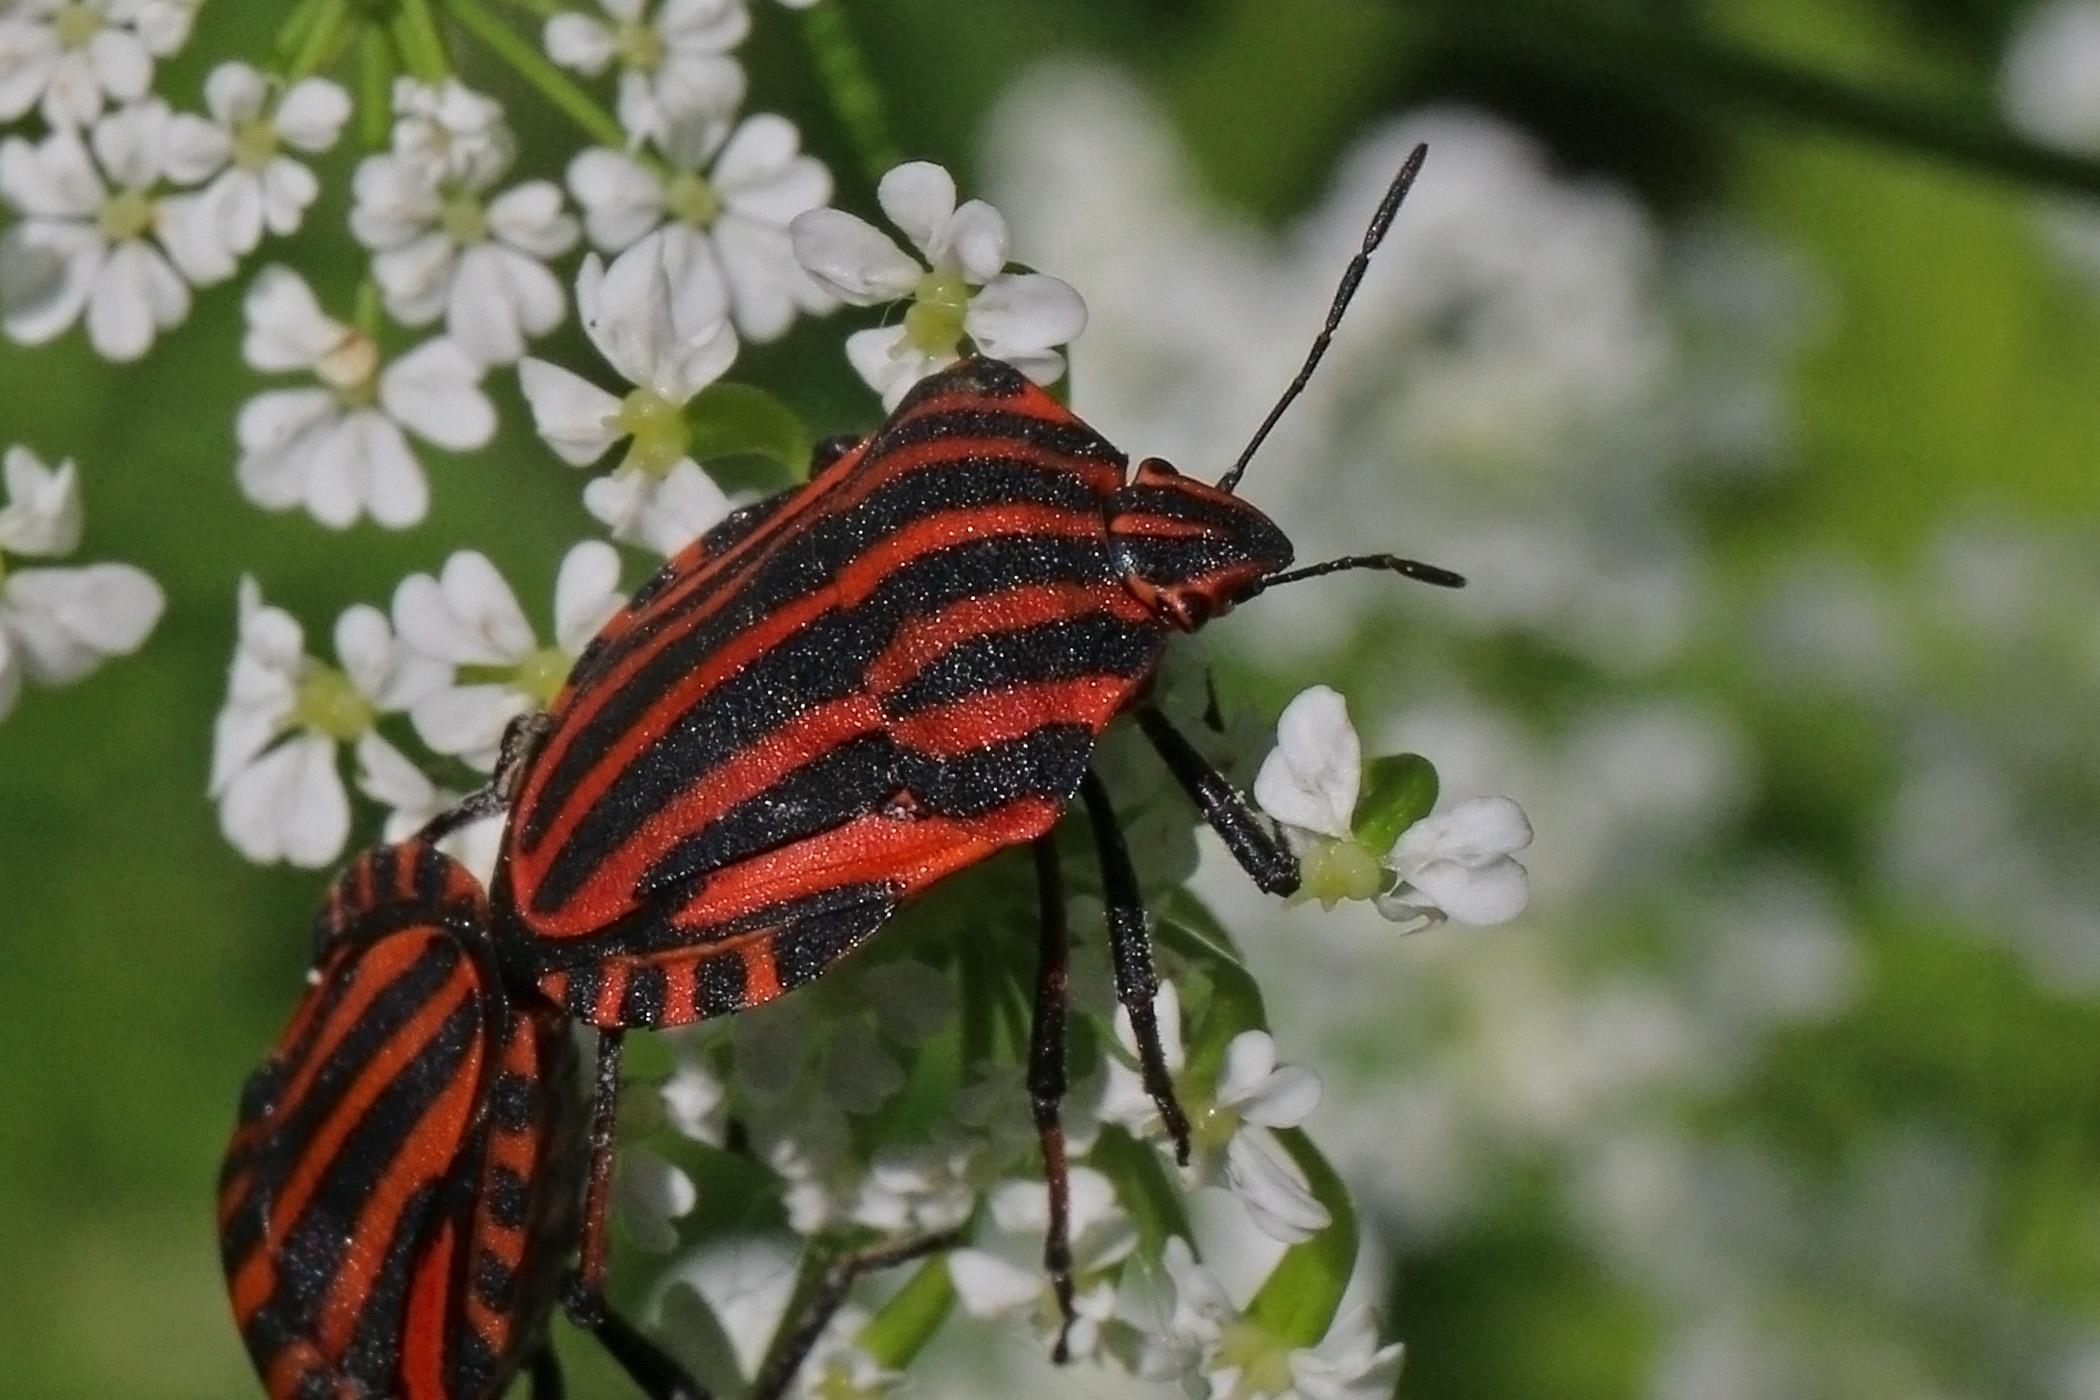 Italian striped bug  Graphosoma lineatum italicum  jpg. Graphosoma lineatum   Wikipedia